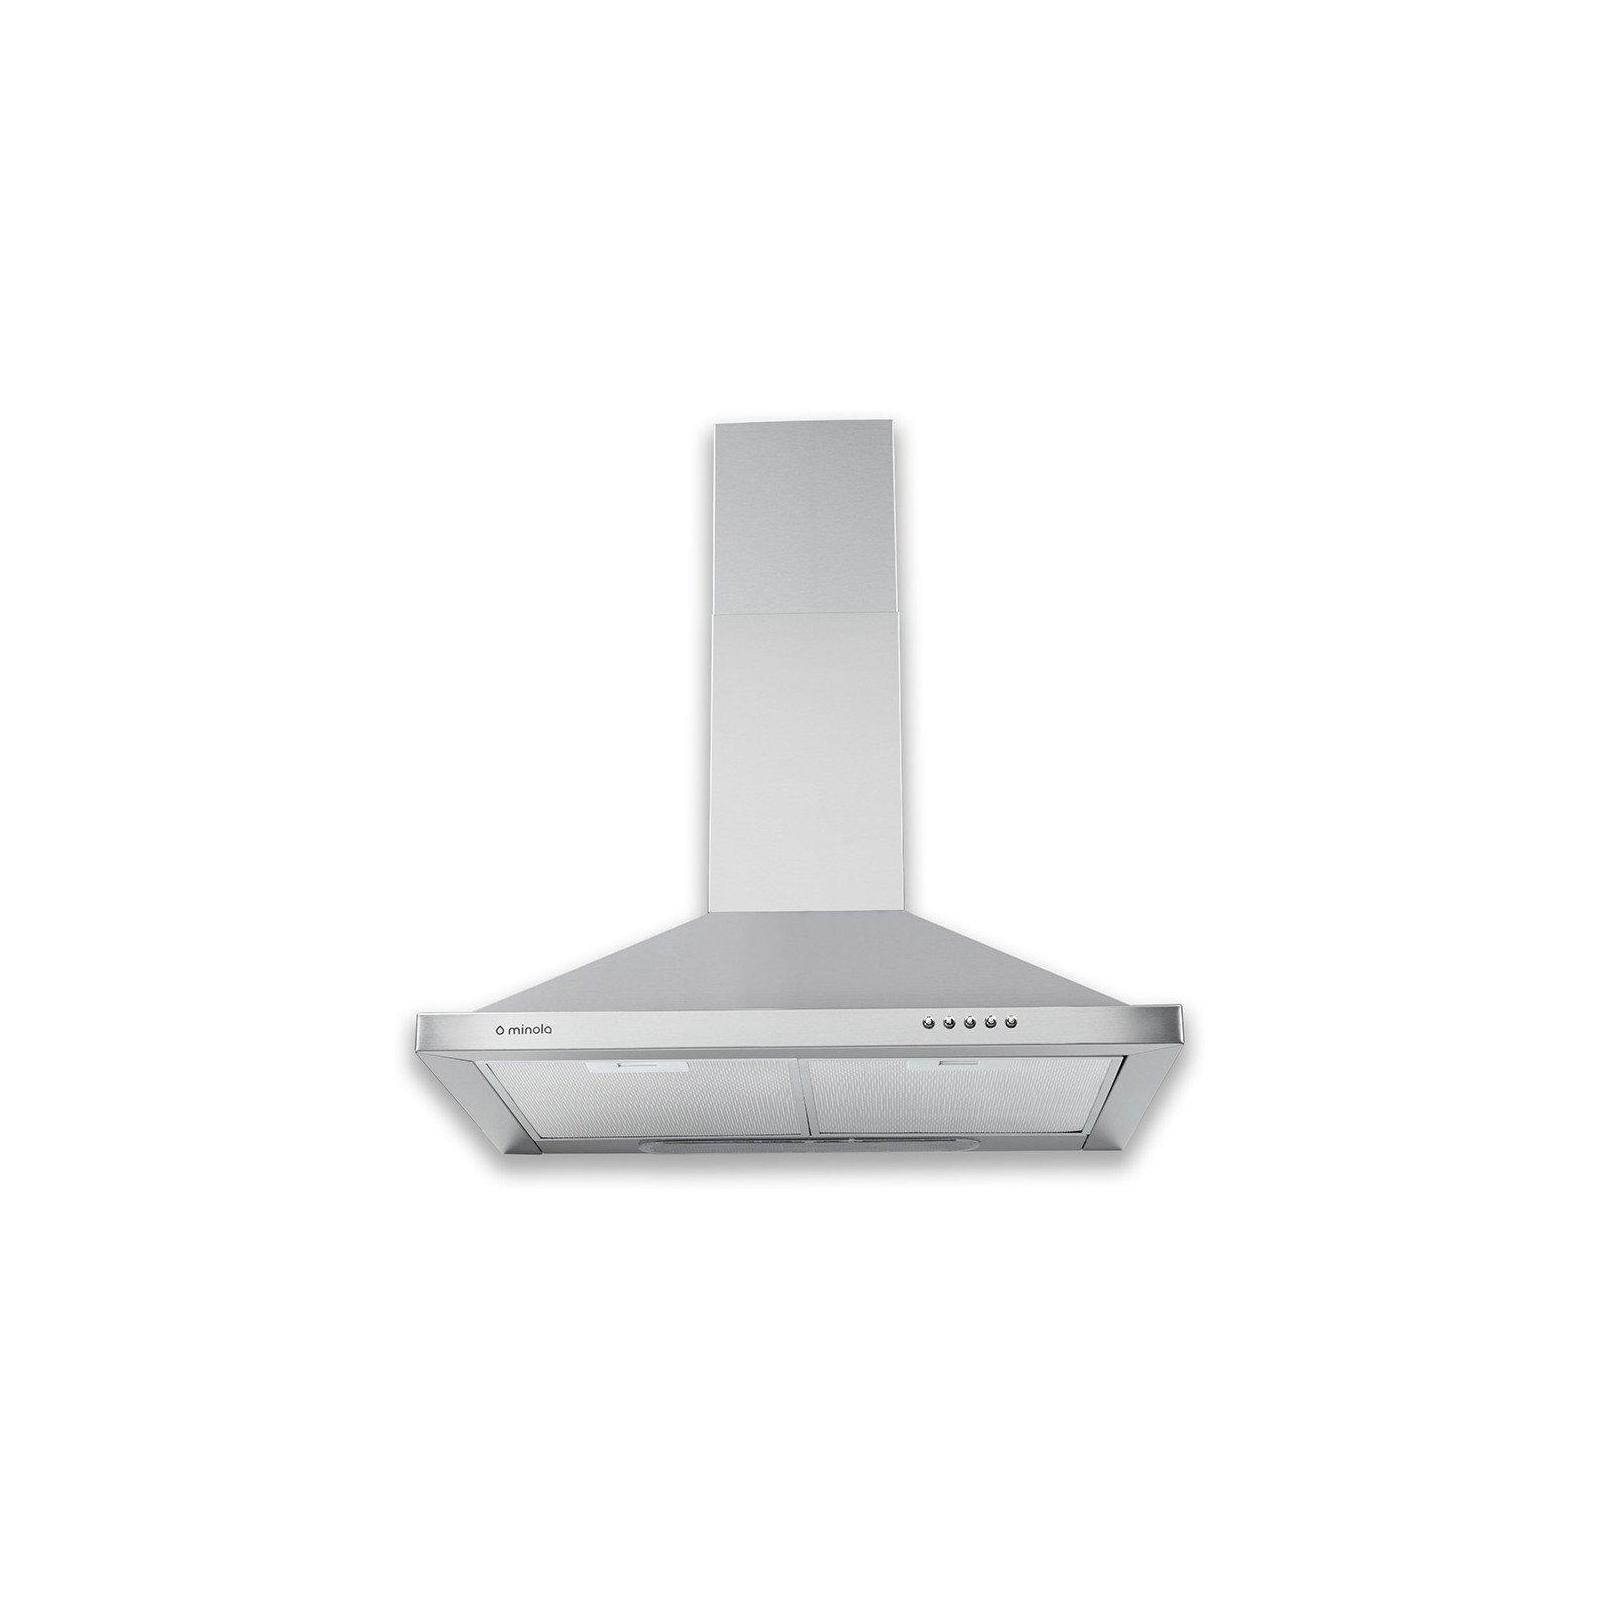 Вытяжка кухонная MINOLA HK 5210 I 650 изображение 2